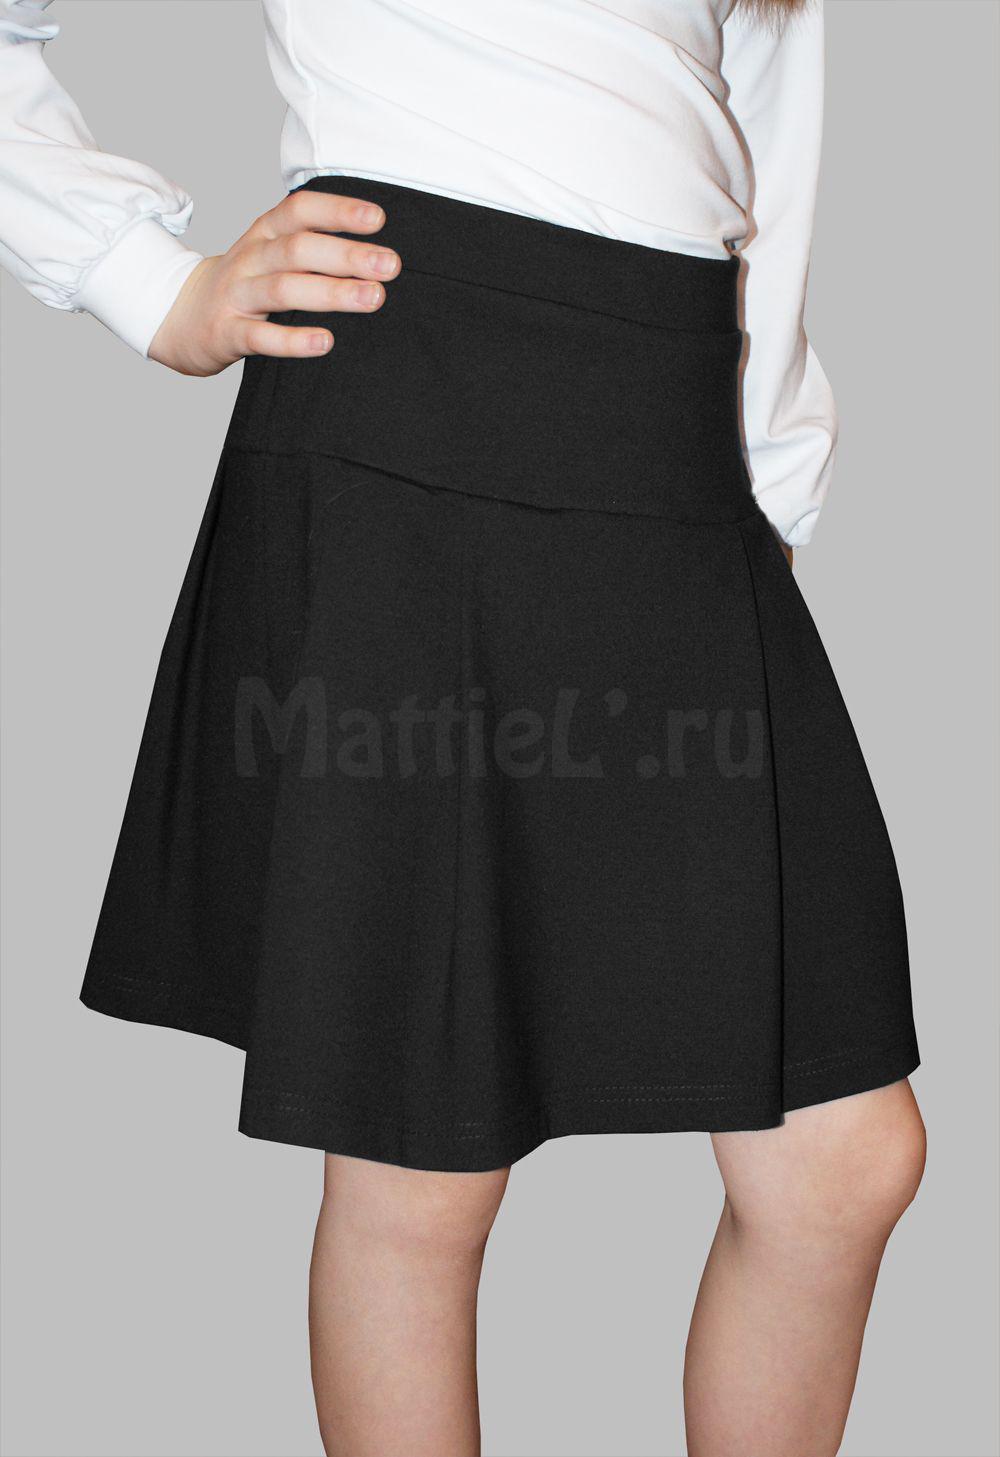 Школьной юбки 30 размер